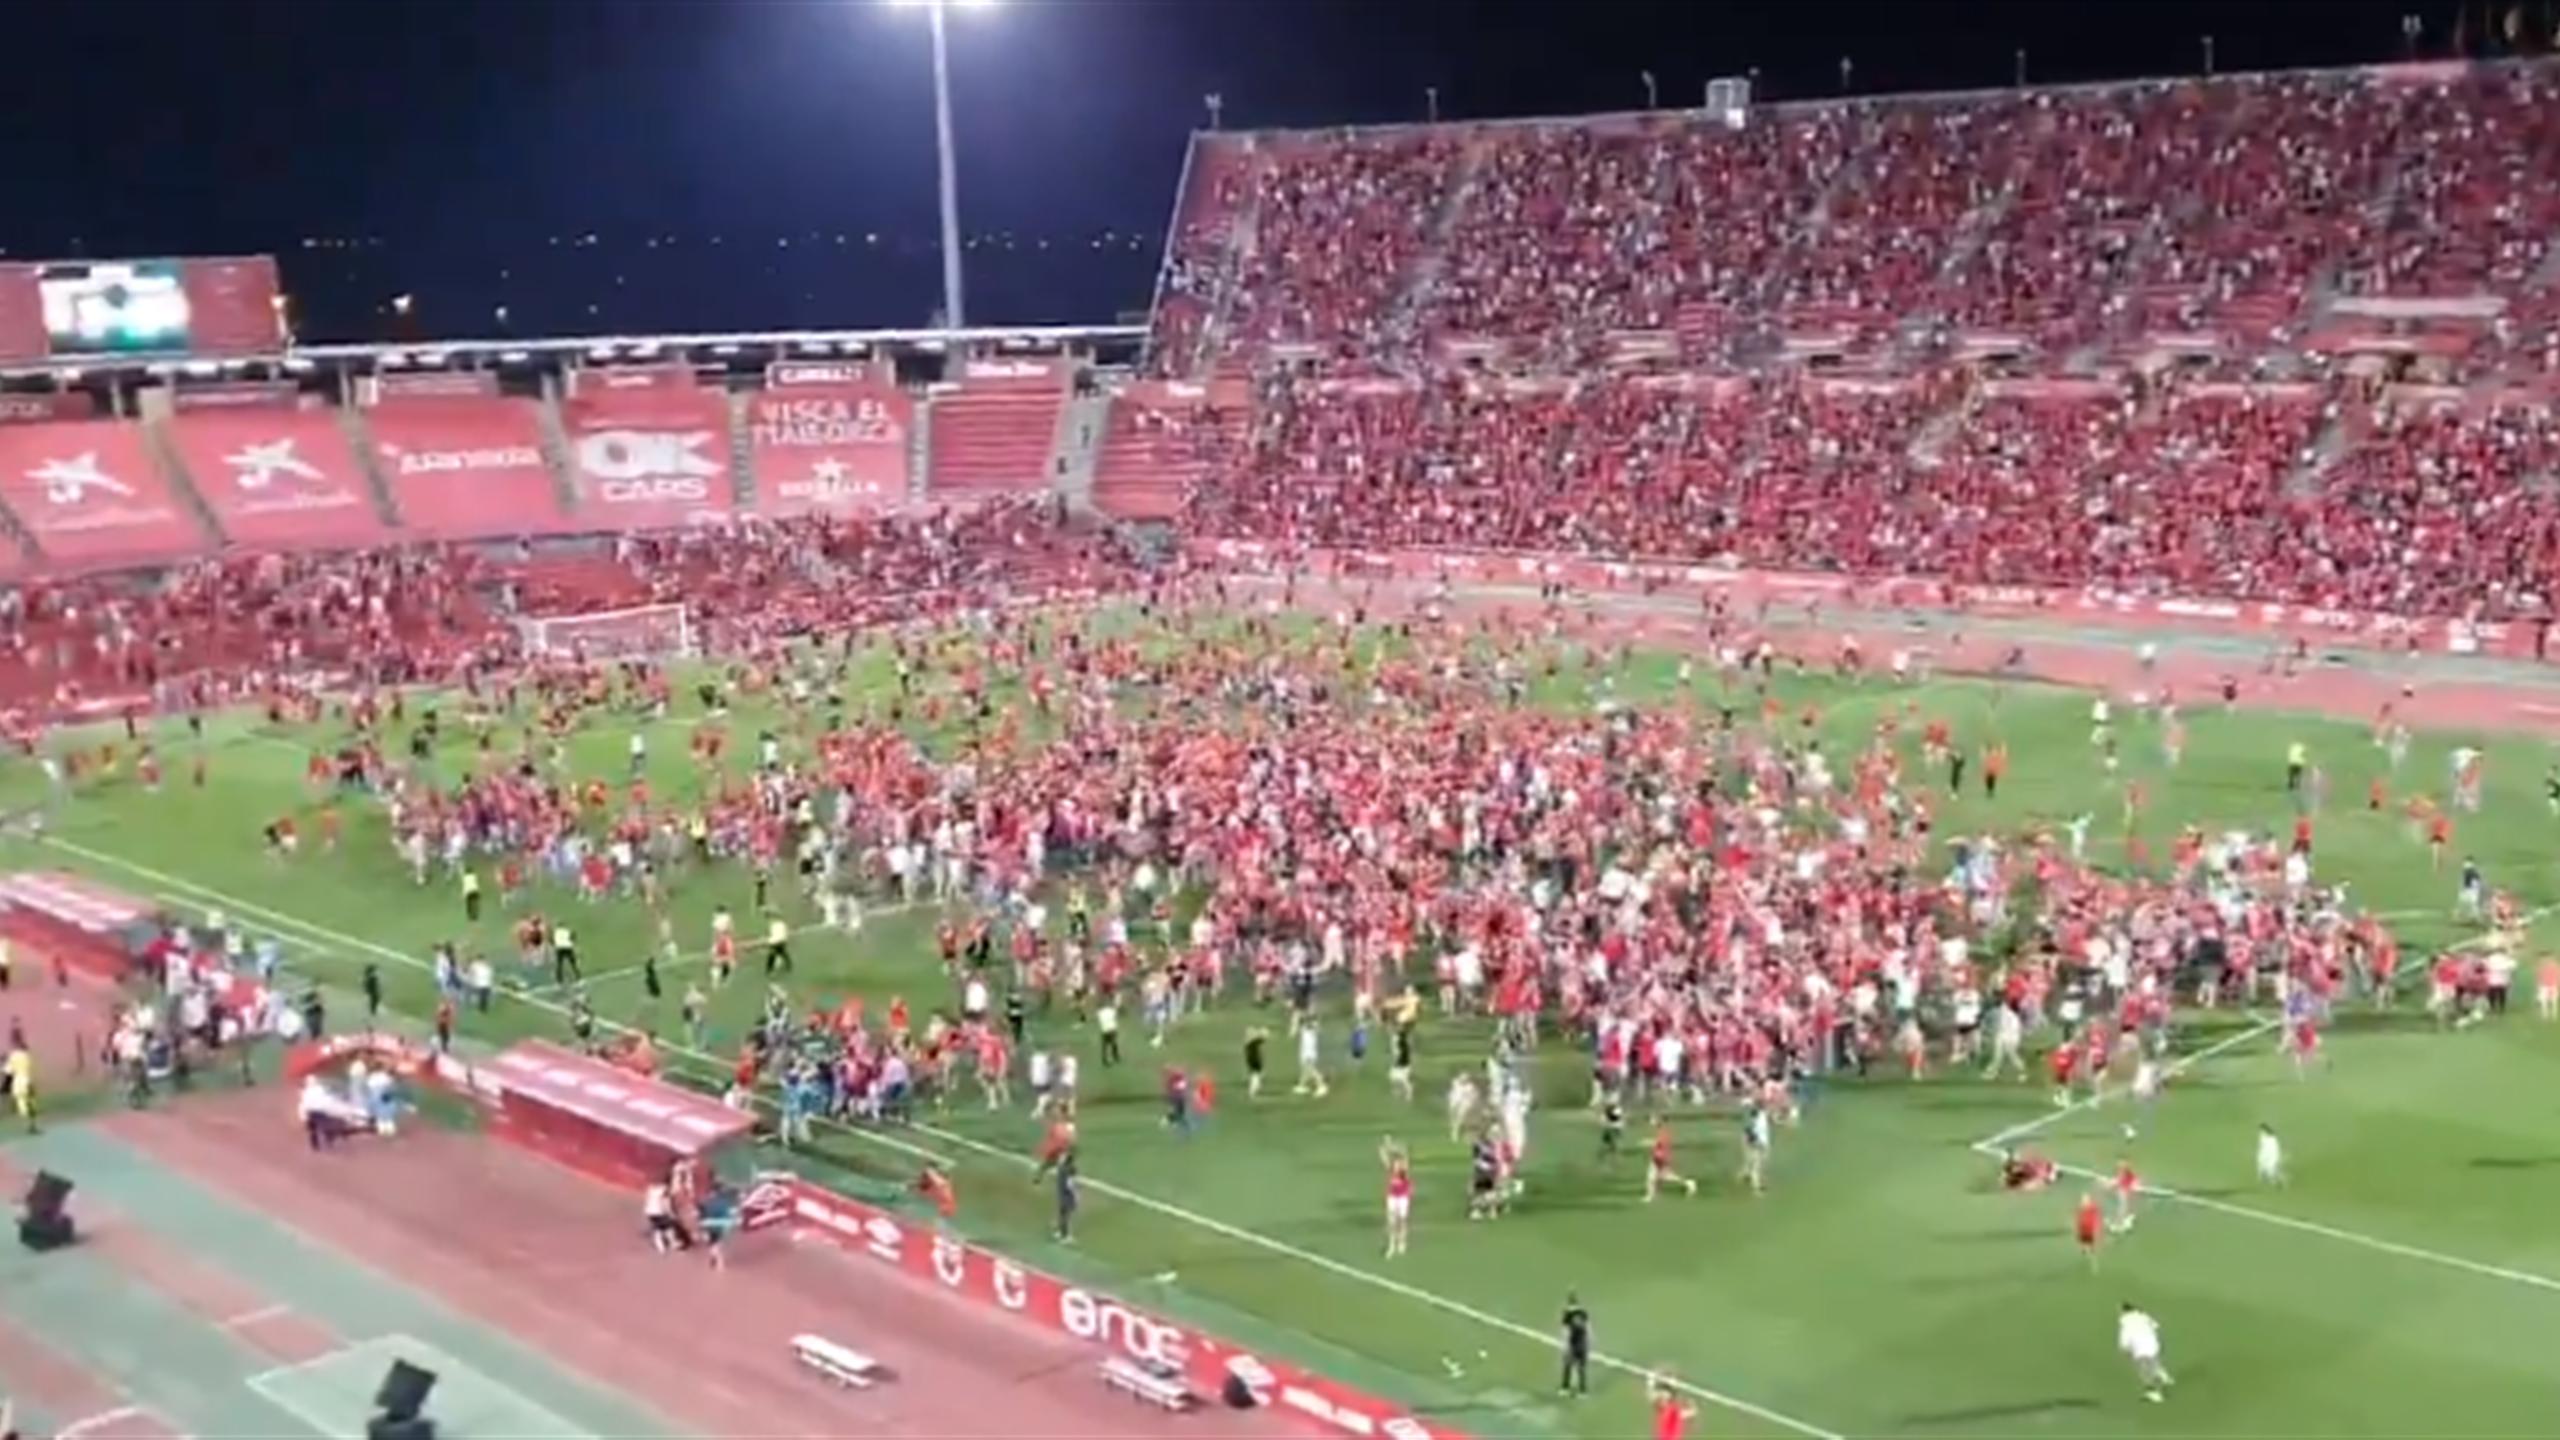 Испания 2 лига футбол